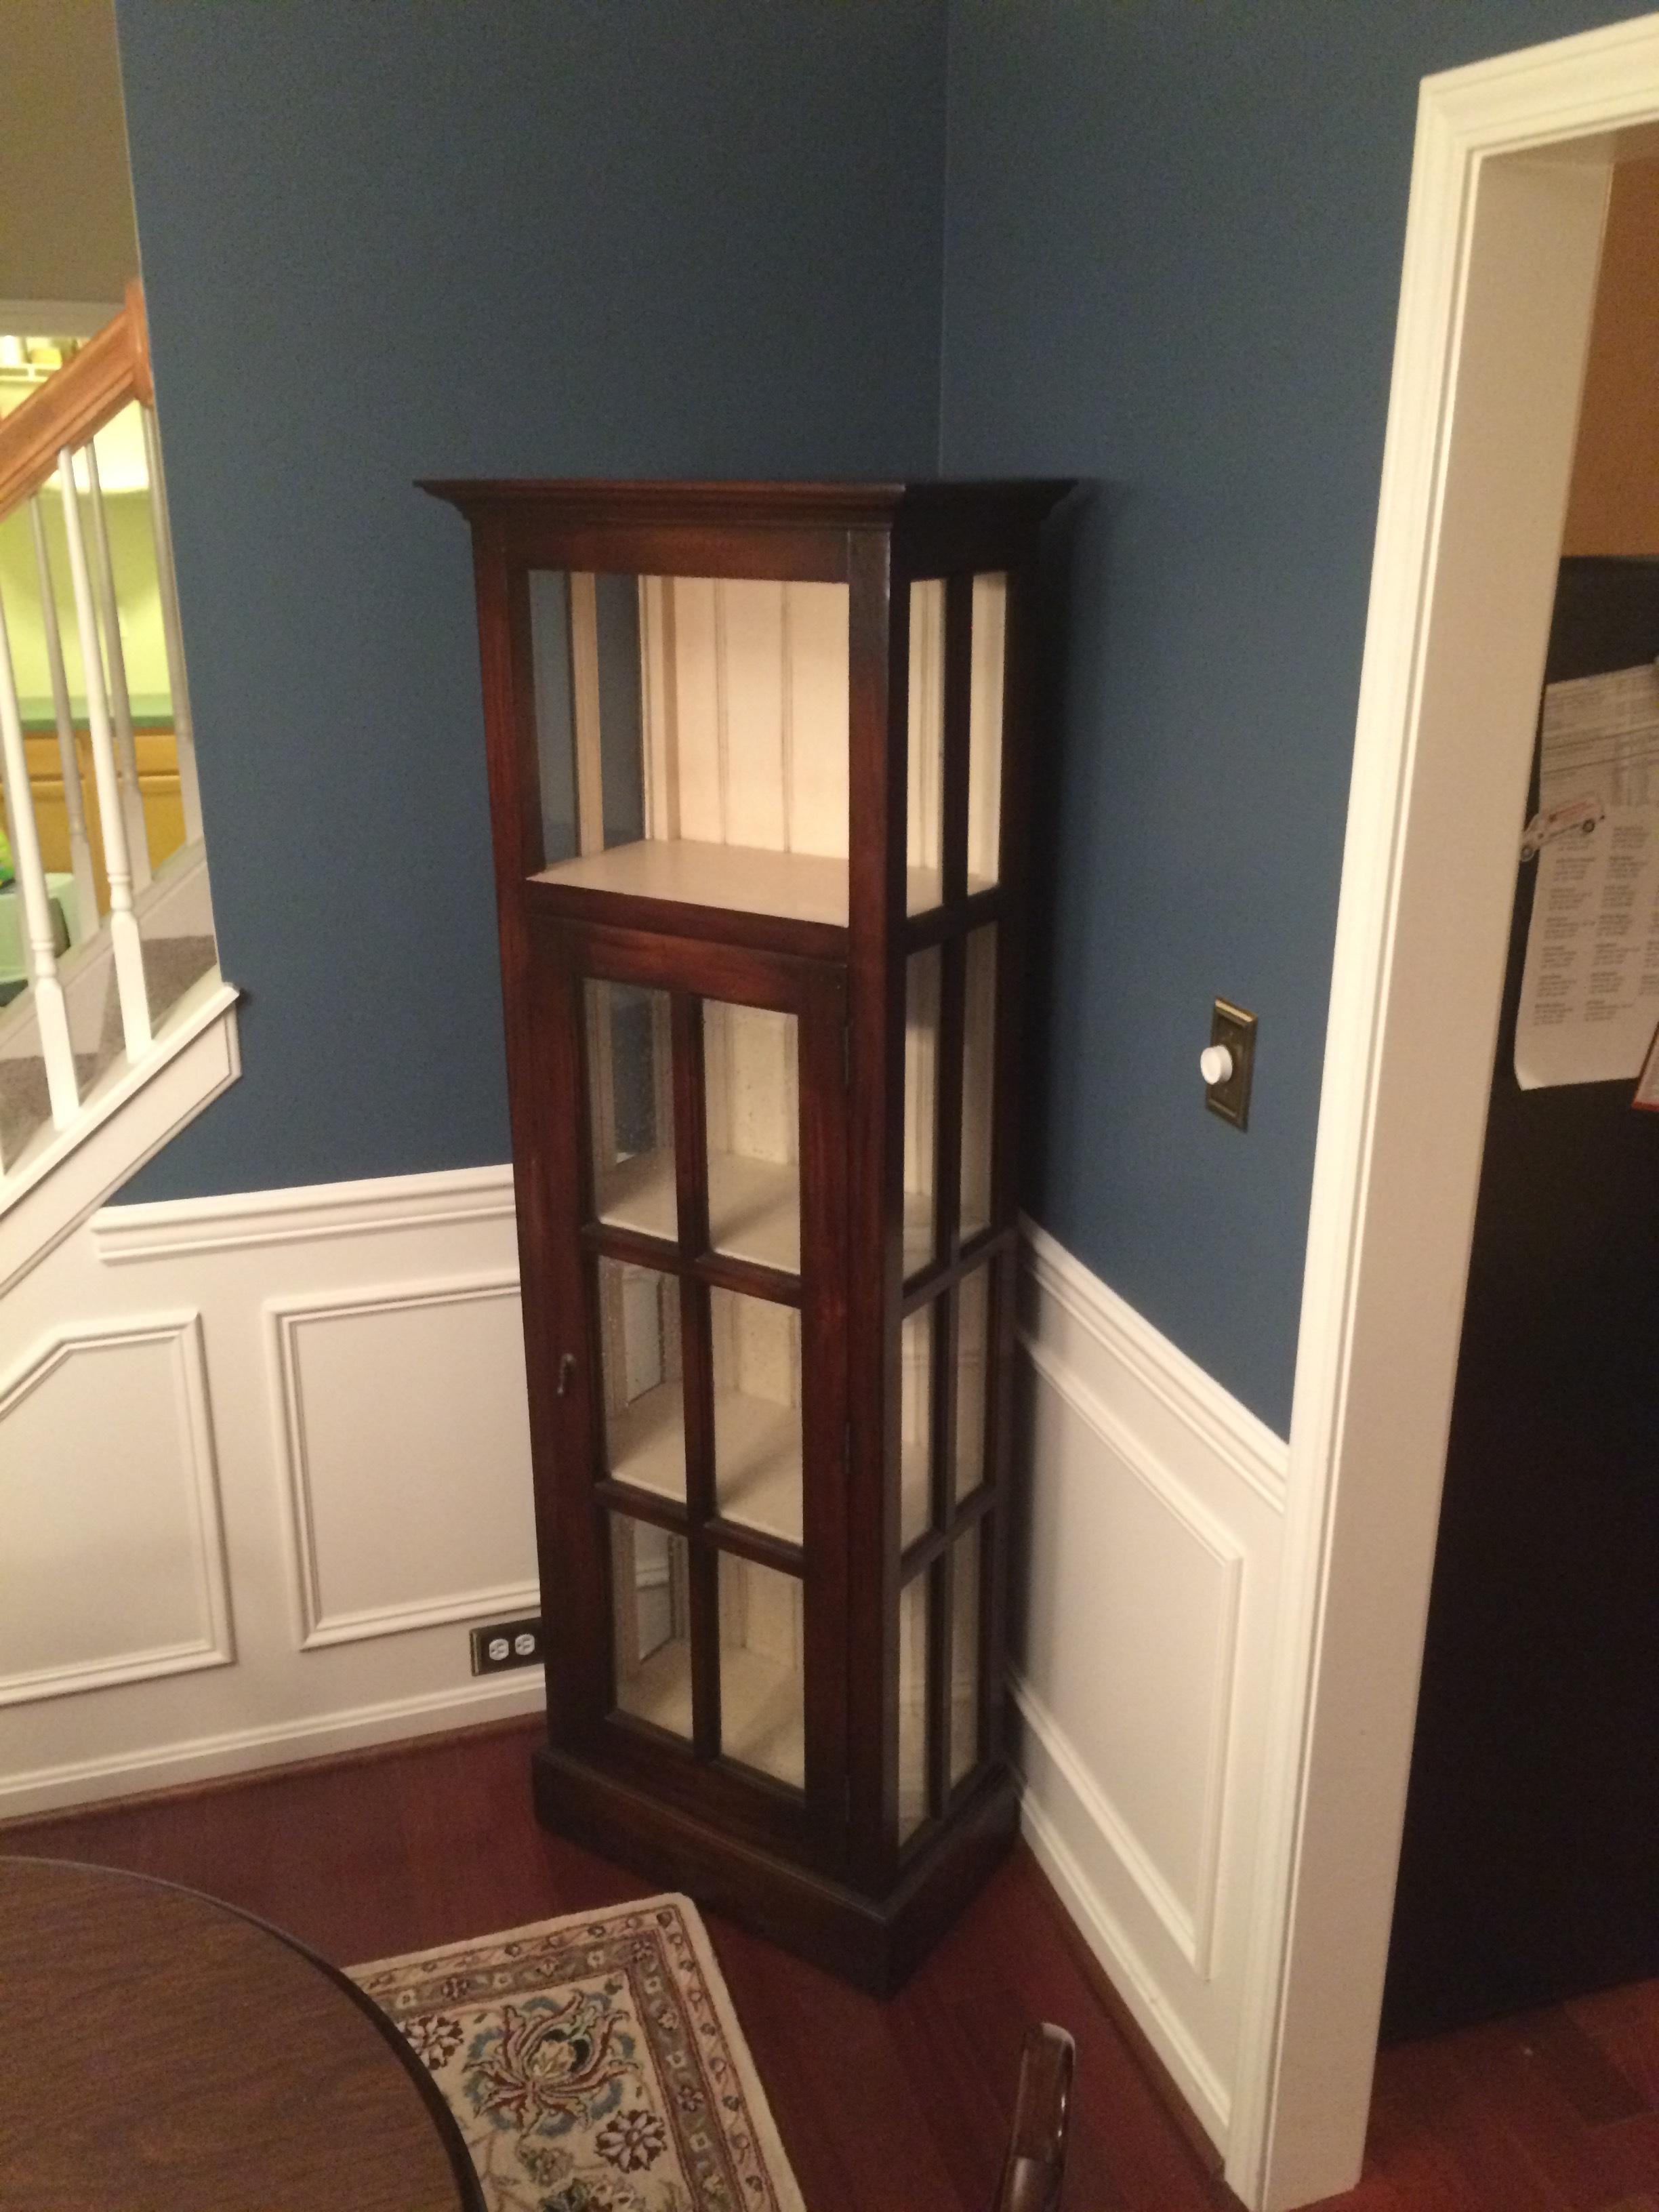 21816 Cape Cod Bookcase w/ Door